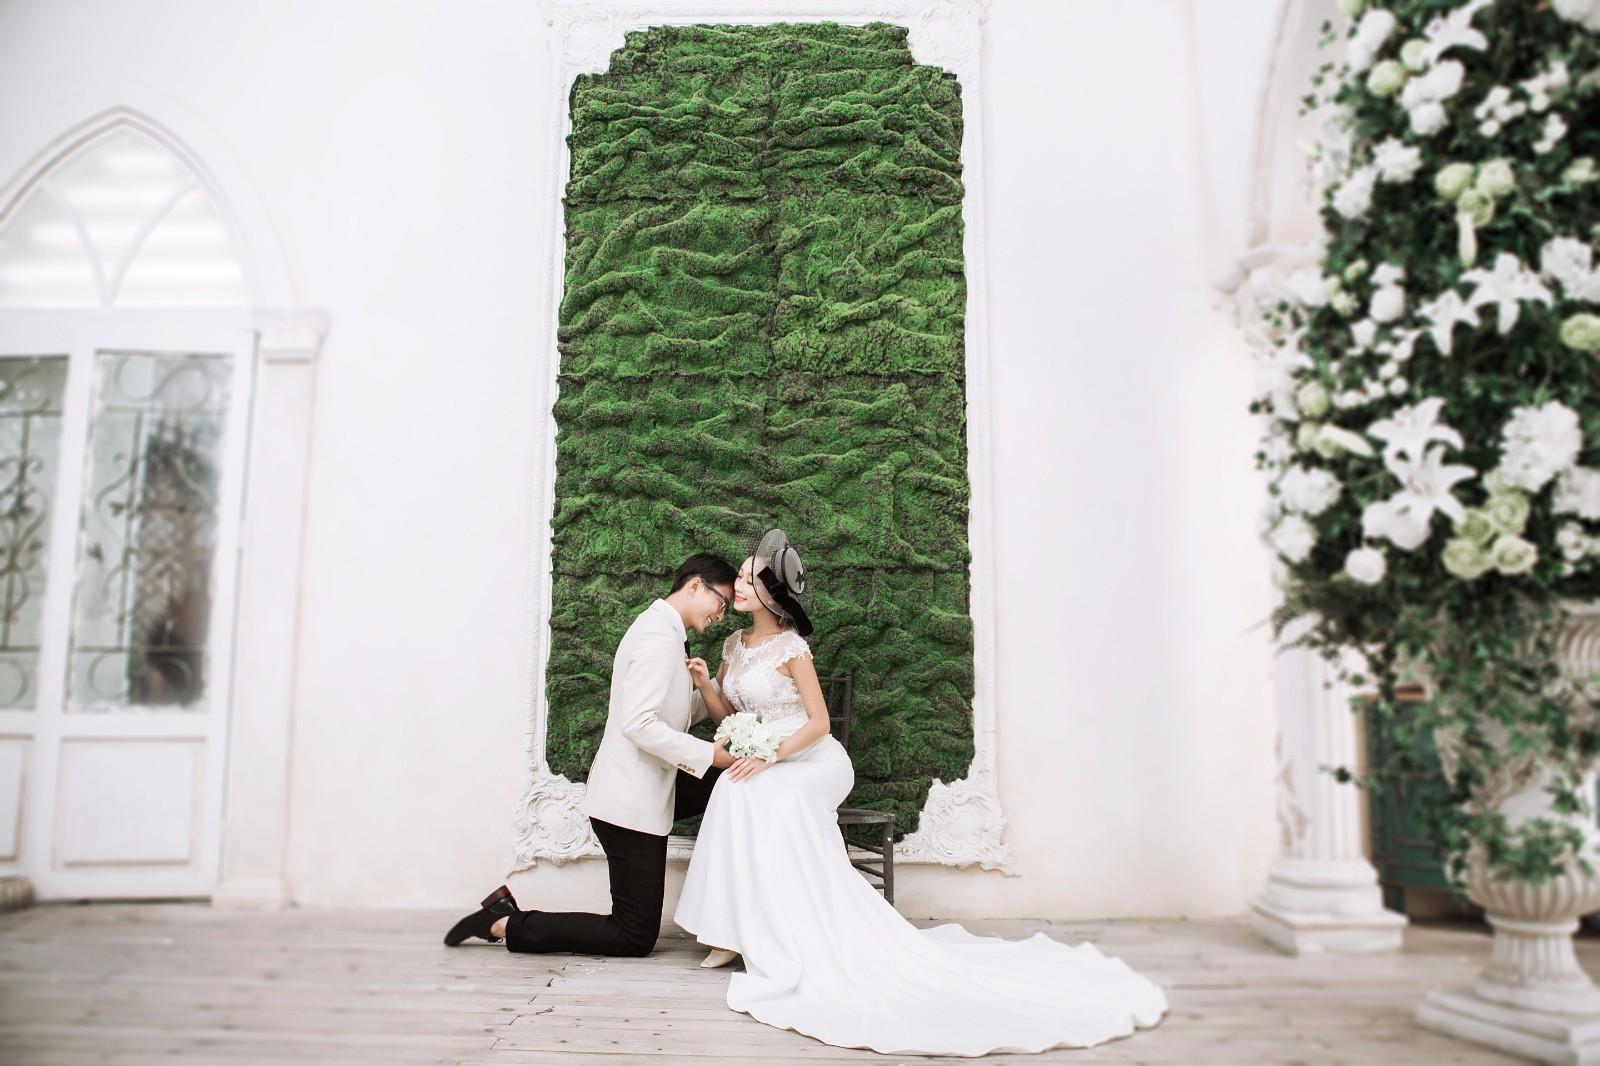 海边婚礼怎么举行?怎样才浪漫呢?